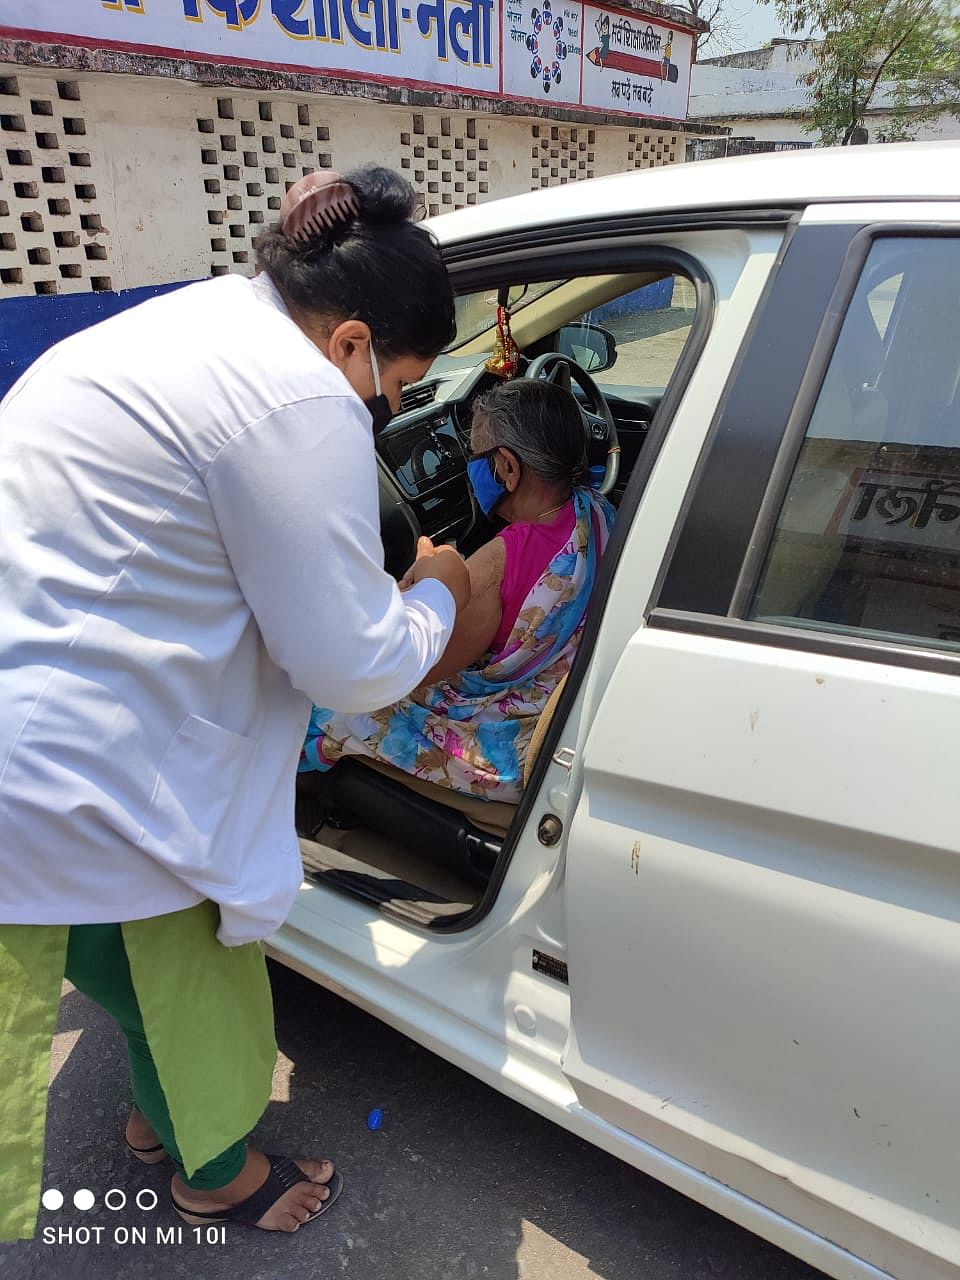 रायपुर : कोरोना संक्रमण से बचने 92 वर्षीया रजवंती बाई ने टीका लगवाकर लोगों को किया प्रेरित